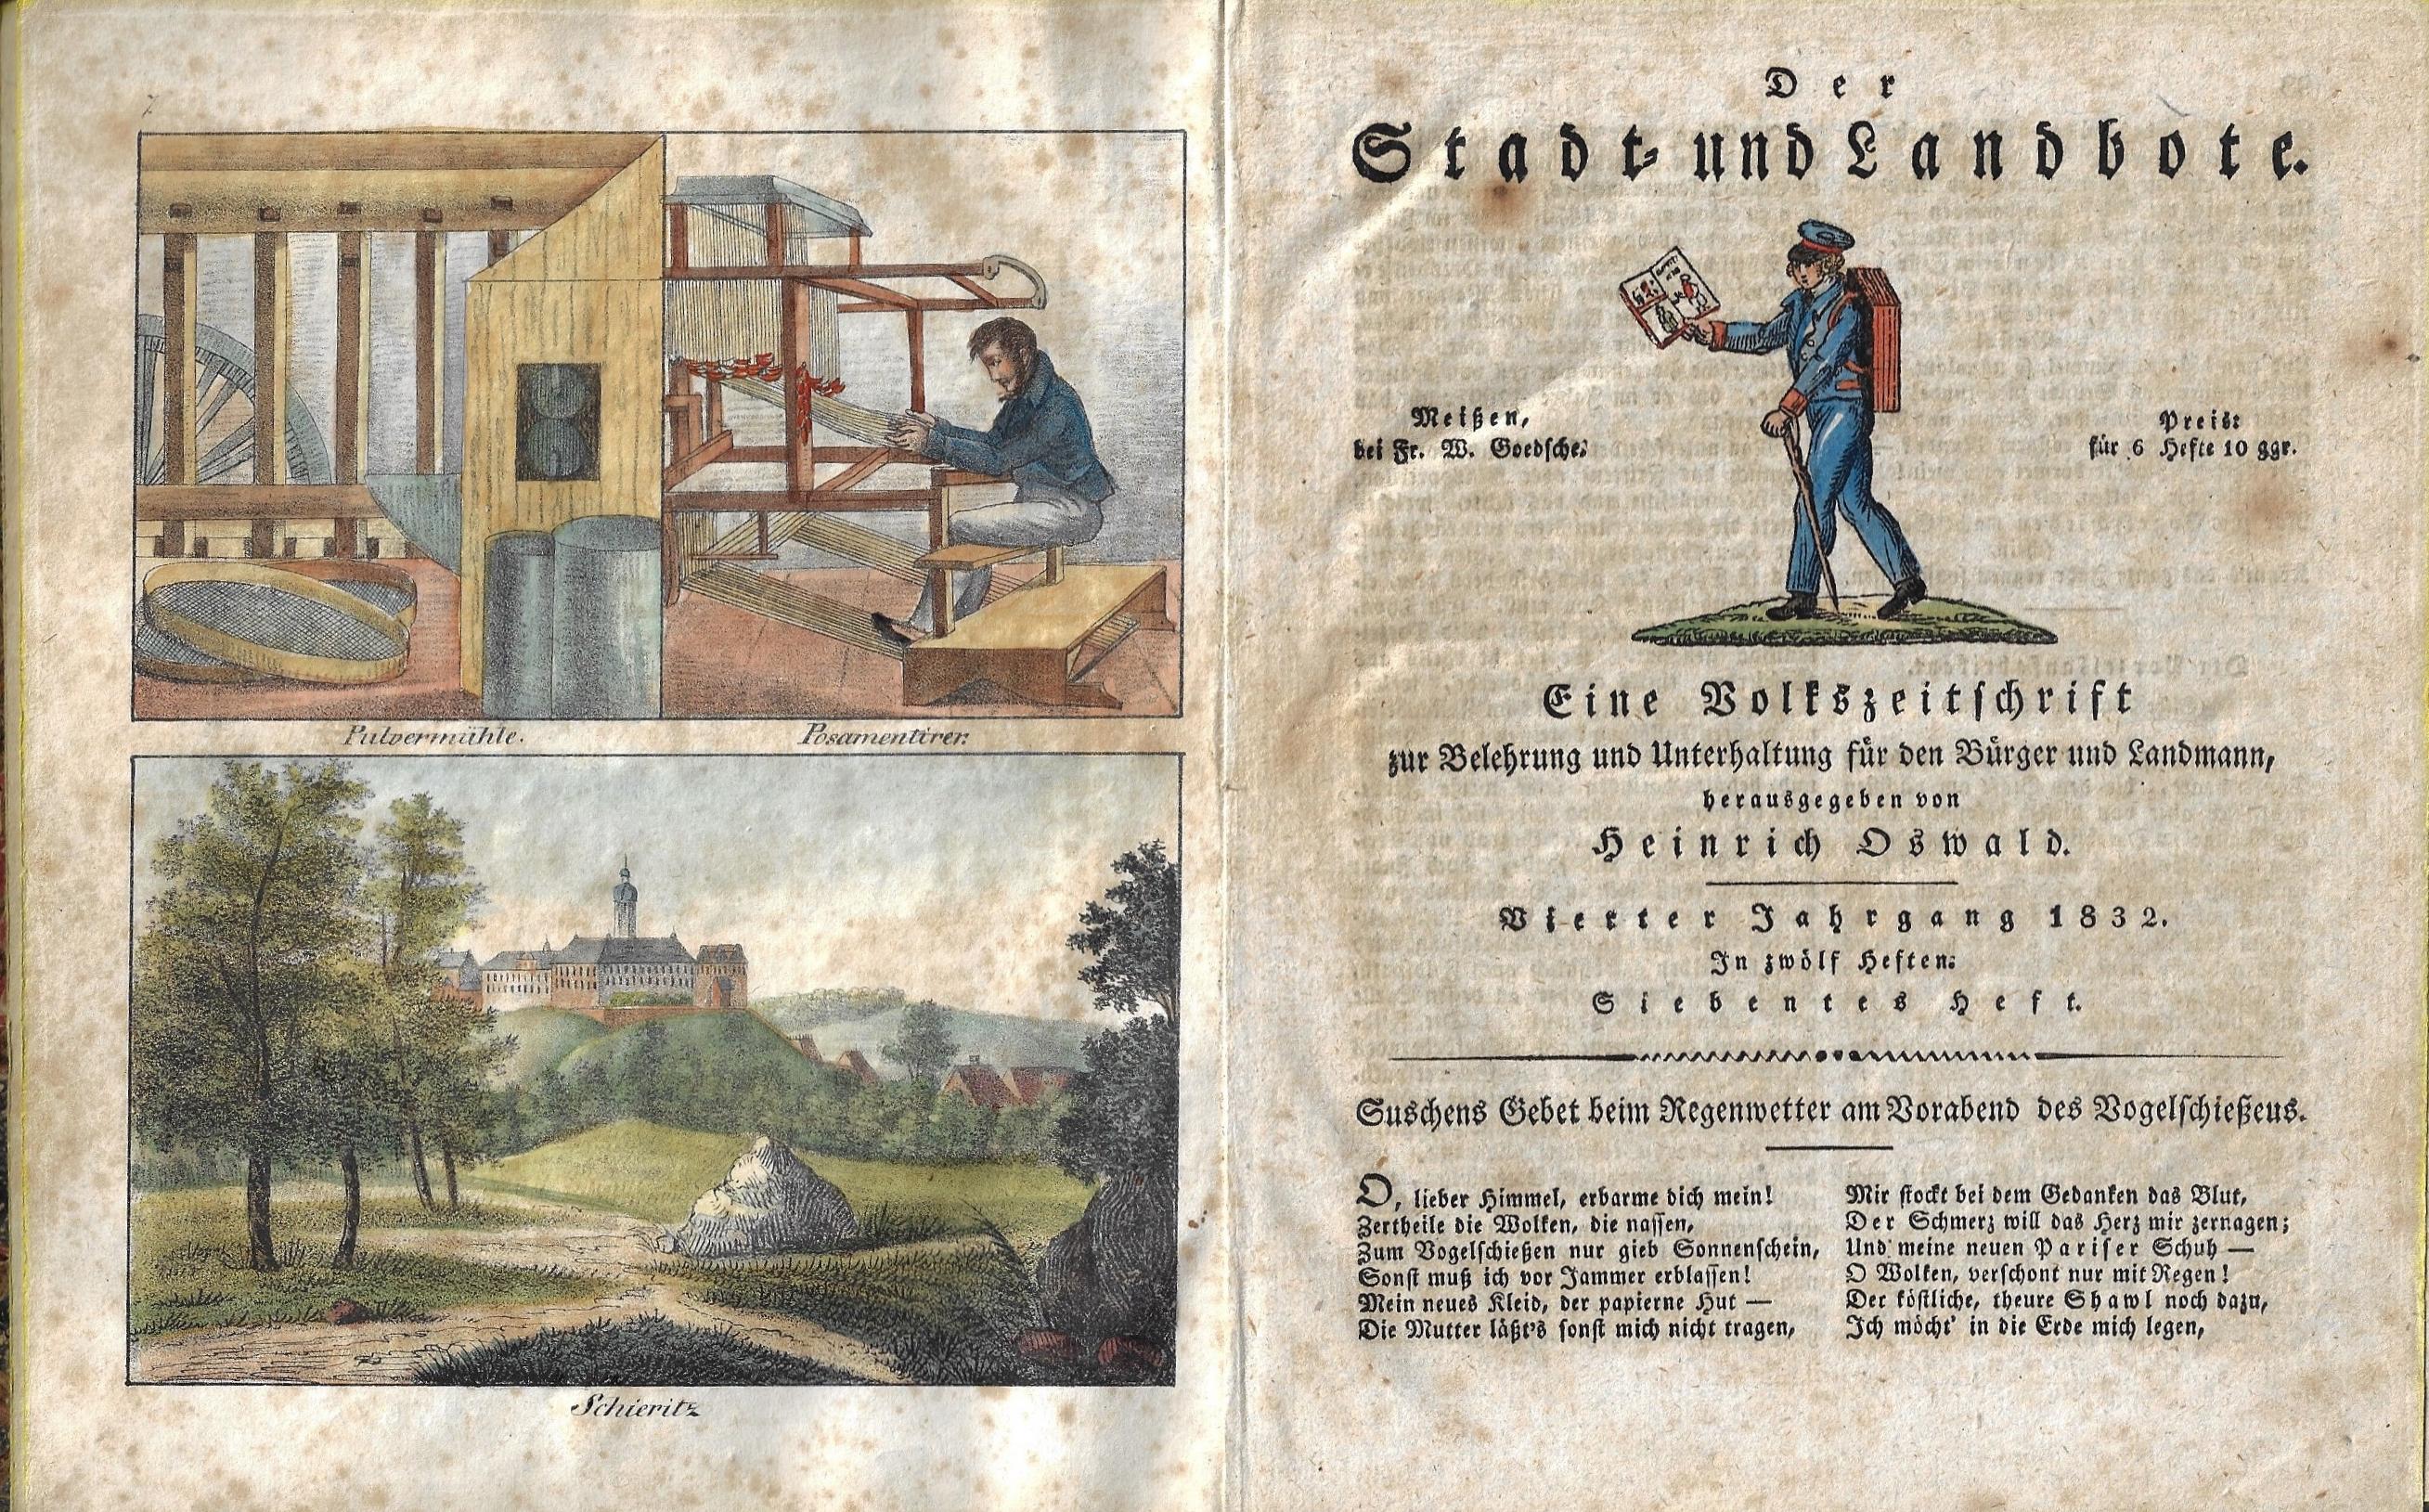 Oswald  Der Stadt- und Landbote. Eine Volkszeitschrift zur Belehrung und Unterhaltung für den Bürger und Landmann, herrausgegeben von Heinrich Oswakd..1832